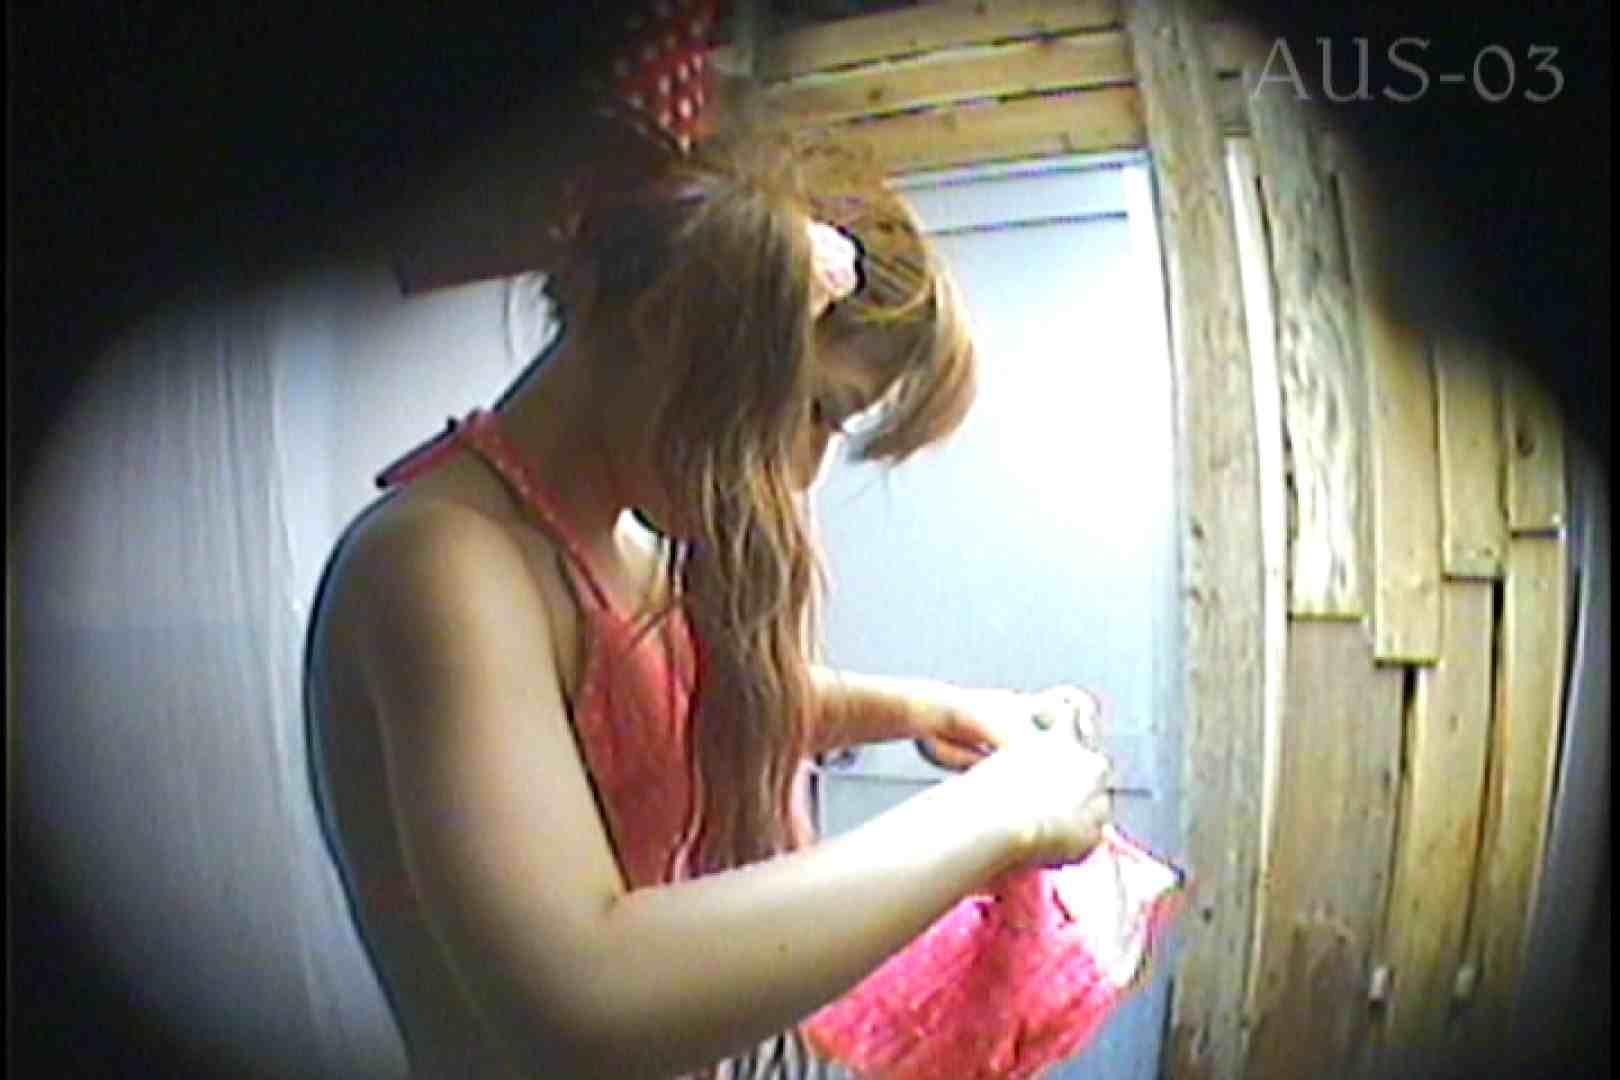 海の家の更衣室 Vol.14 シャワー SEX無修正画像 104連発 29